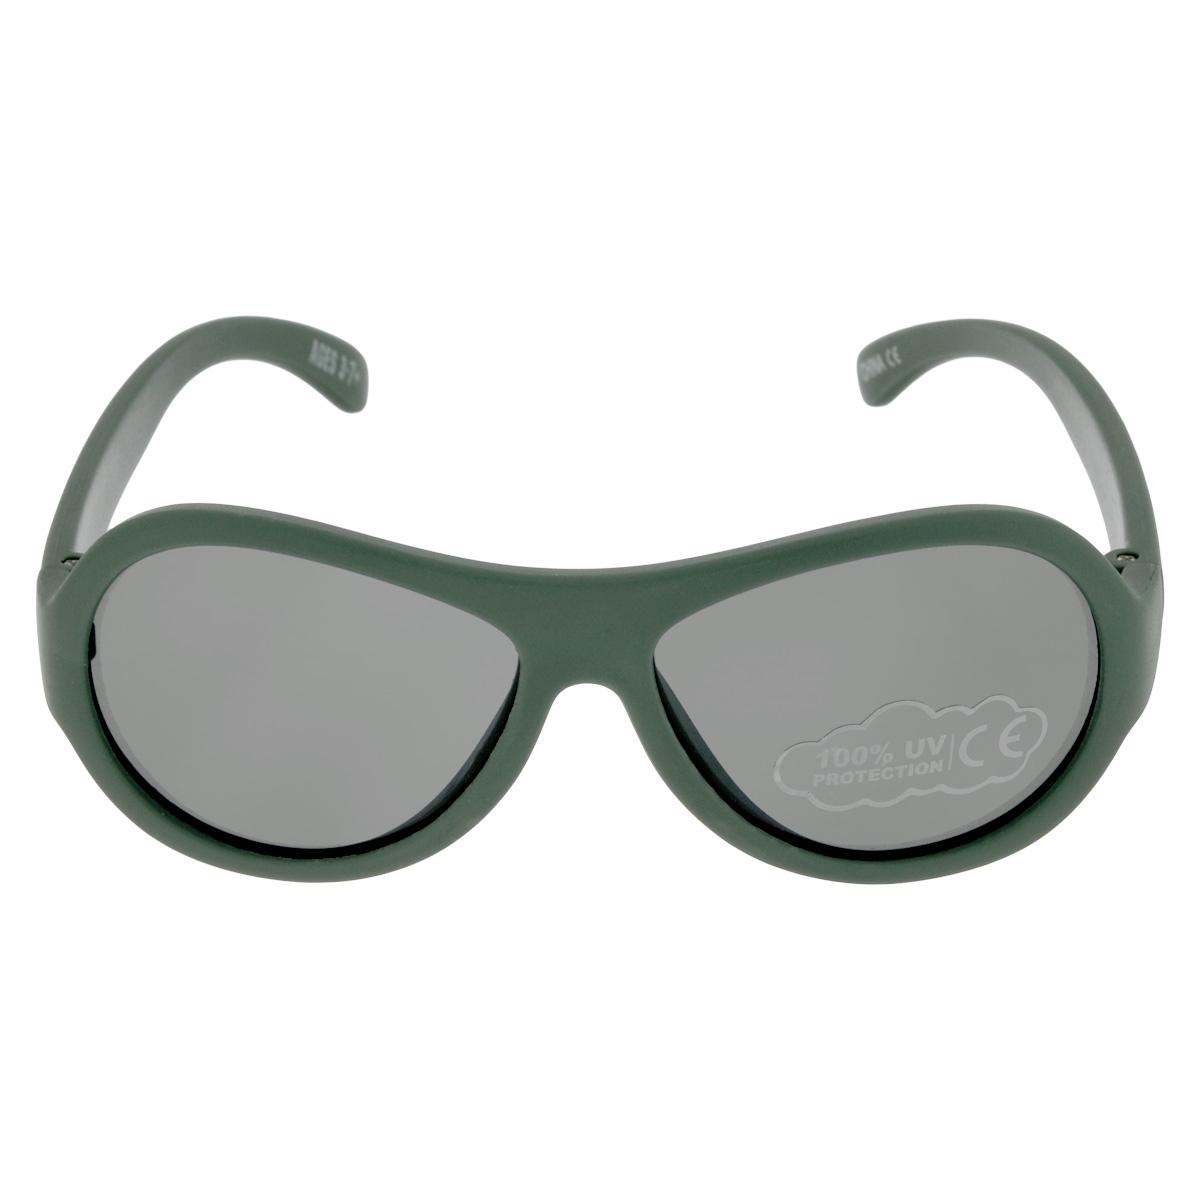 Детские солнцезащитные очки Babiators Морпех (Marine), цвет: зеленый, 3-7 летBAB-077Вы делаете все возможное, чтобы ваши дети были здоровы и в безопасности. Шлемы для езды на велосипеде, солнцезащитный крем для прогулок на солнце... Но как насчёт влияния солнца на глаза вашего ребёнка? Правда в том, что сетчатка глаза у детей развивается вместе с самим ребёнком. Это означает, что глаза малышей не могут отфильтровать УФ-излучение. Проблема понятна - детям нужна настоящая защита, чтобы глазки были в безопасности, а зрение сильным. Каждая пара солнцезащитных очков Babiators для детей обеспечивает 100% защиту от UVA и UVB. Прочные линзы высшего качества не подведут в самых сложных переделках. В отличие от обычных пластиковых очков, оправа Babiators выполнена из гибкого прорезиненного материала, что делает их ударопрочными, их можно сгибать и крутить - они не сломаются и вернутся в прежнюю форму. Не бойтесь, что ребёнок сядет на них - они всё выдержат. Будьте уверены, что очки Babiators созданы безопасными, прочными и классными, так что вы и ваш ребенок можете...